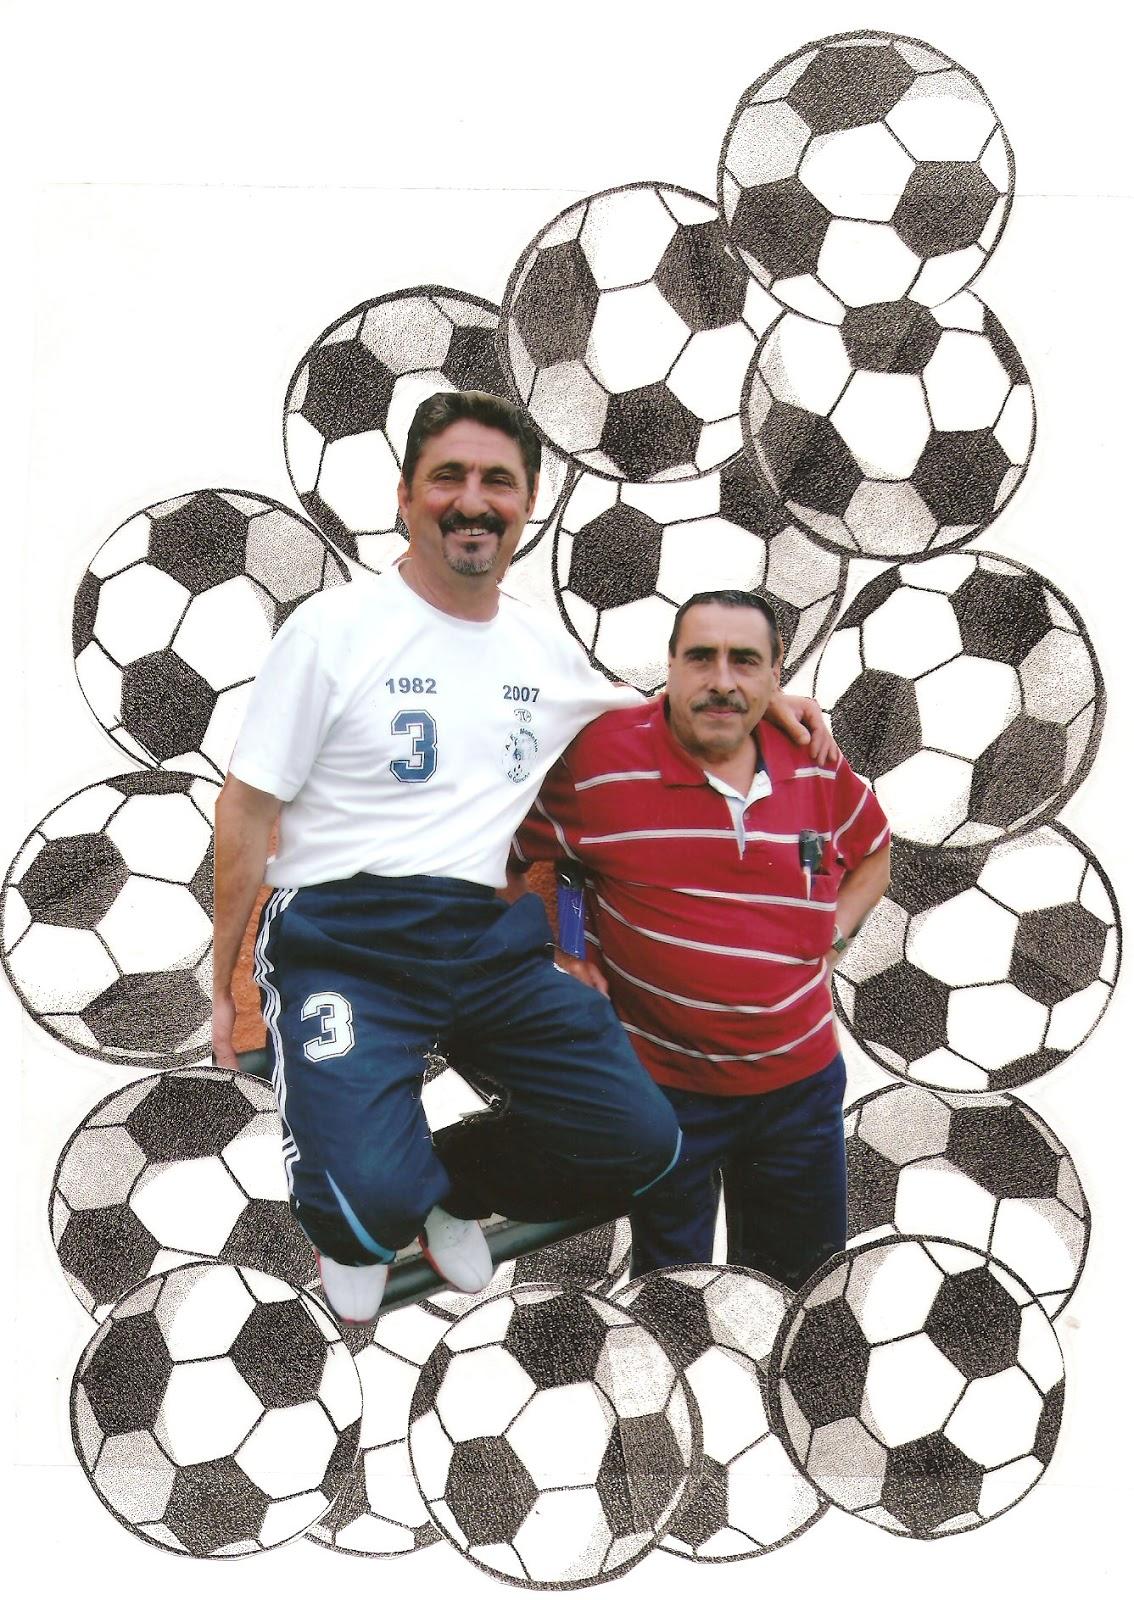 """FUTBOL AFICIONADO – VIIº CAMP. """"LAS MEDIANIAS"""" VIIIº COPA """"ROMÁN REYES"""" 0878cdfbfcca1"""